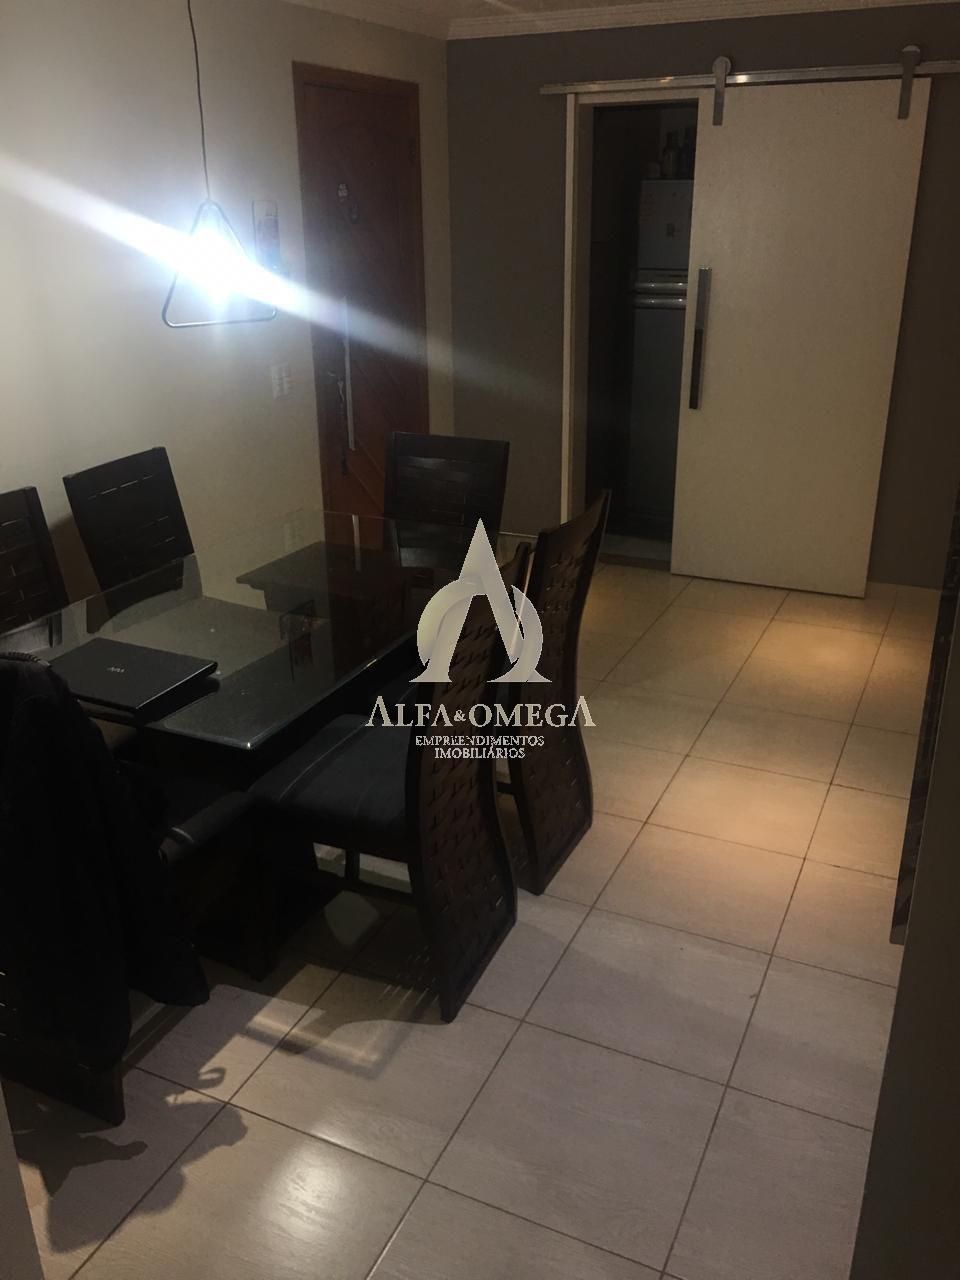 FOTO 5 - Apartamento Pechincha,Rio de Janeiro,RJ À Venda,2 Quartos,60m² - AOJ20048 - 5